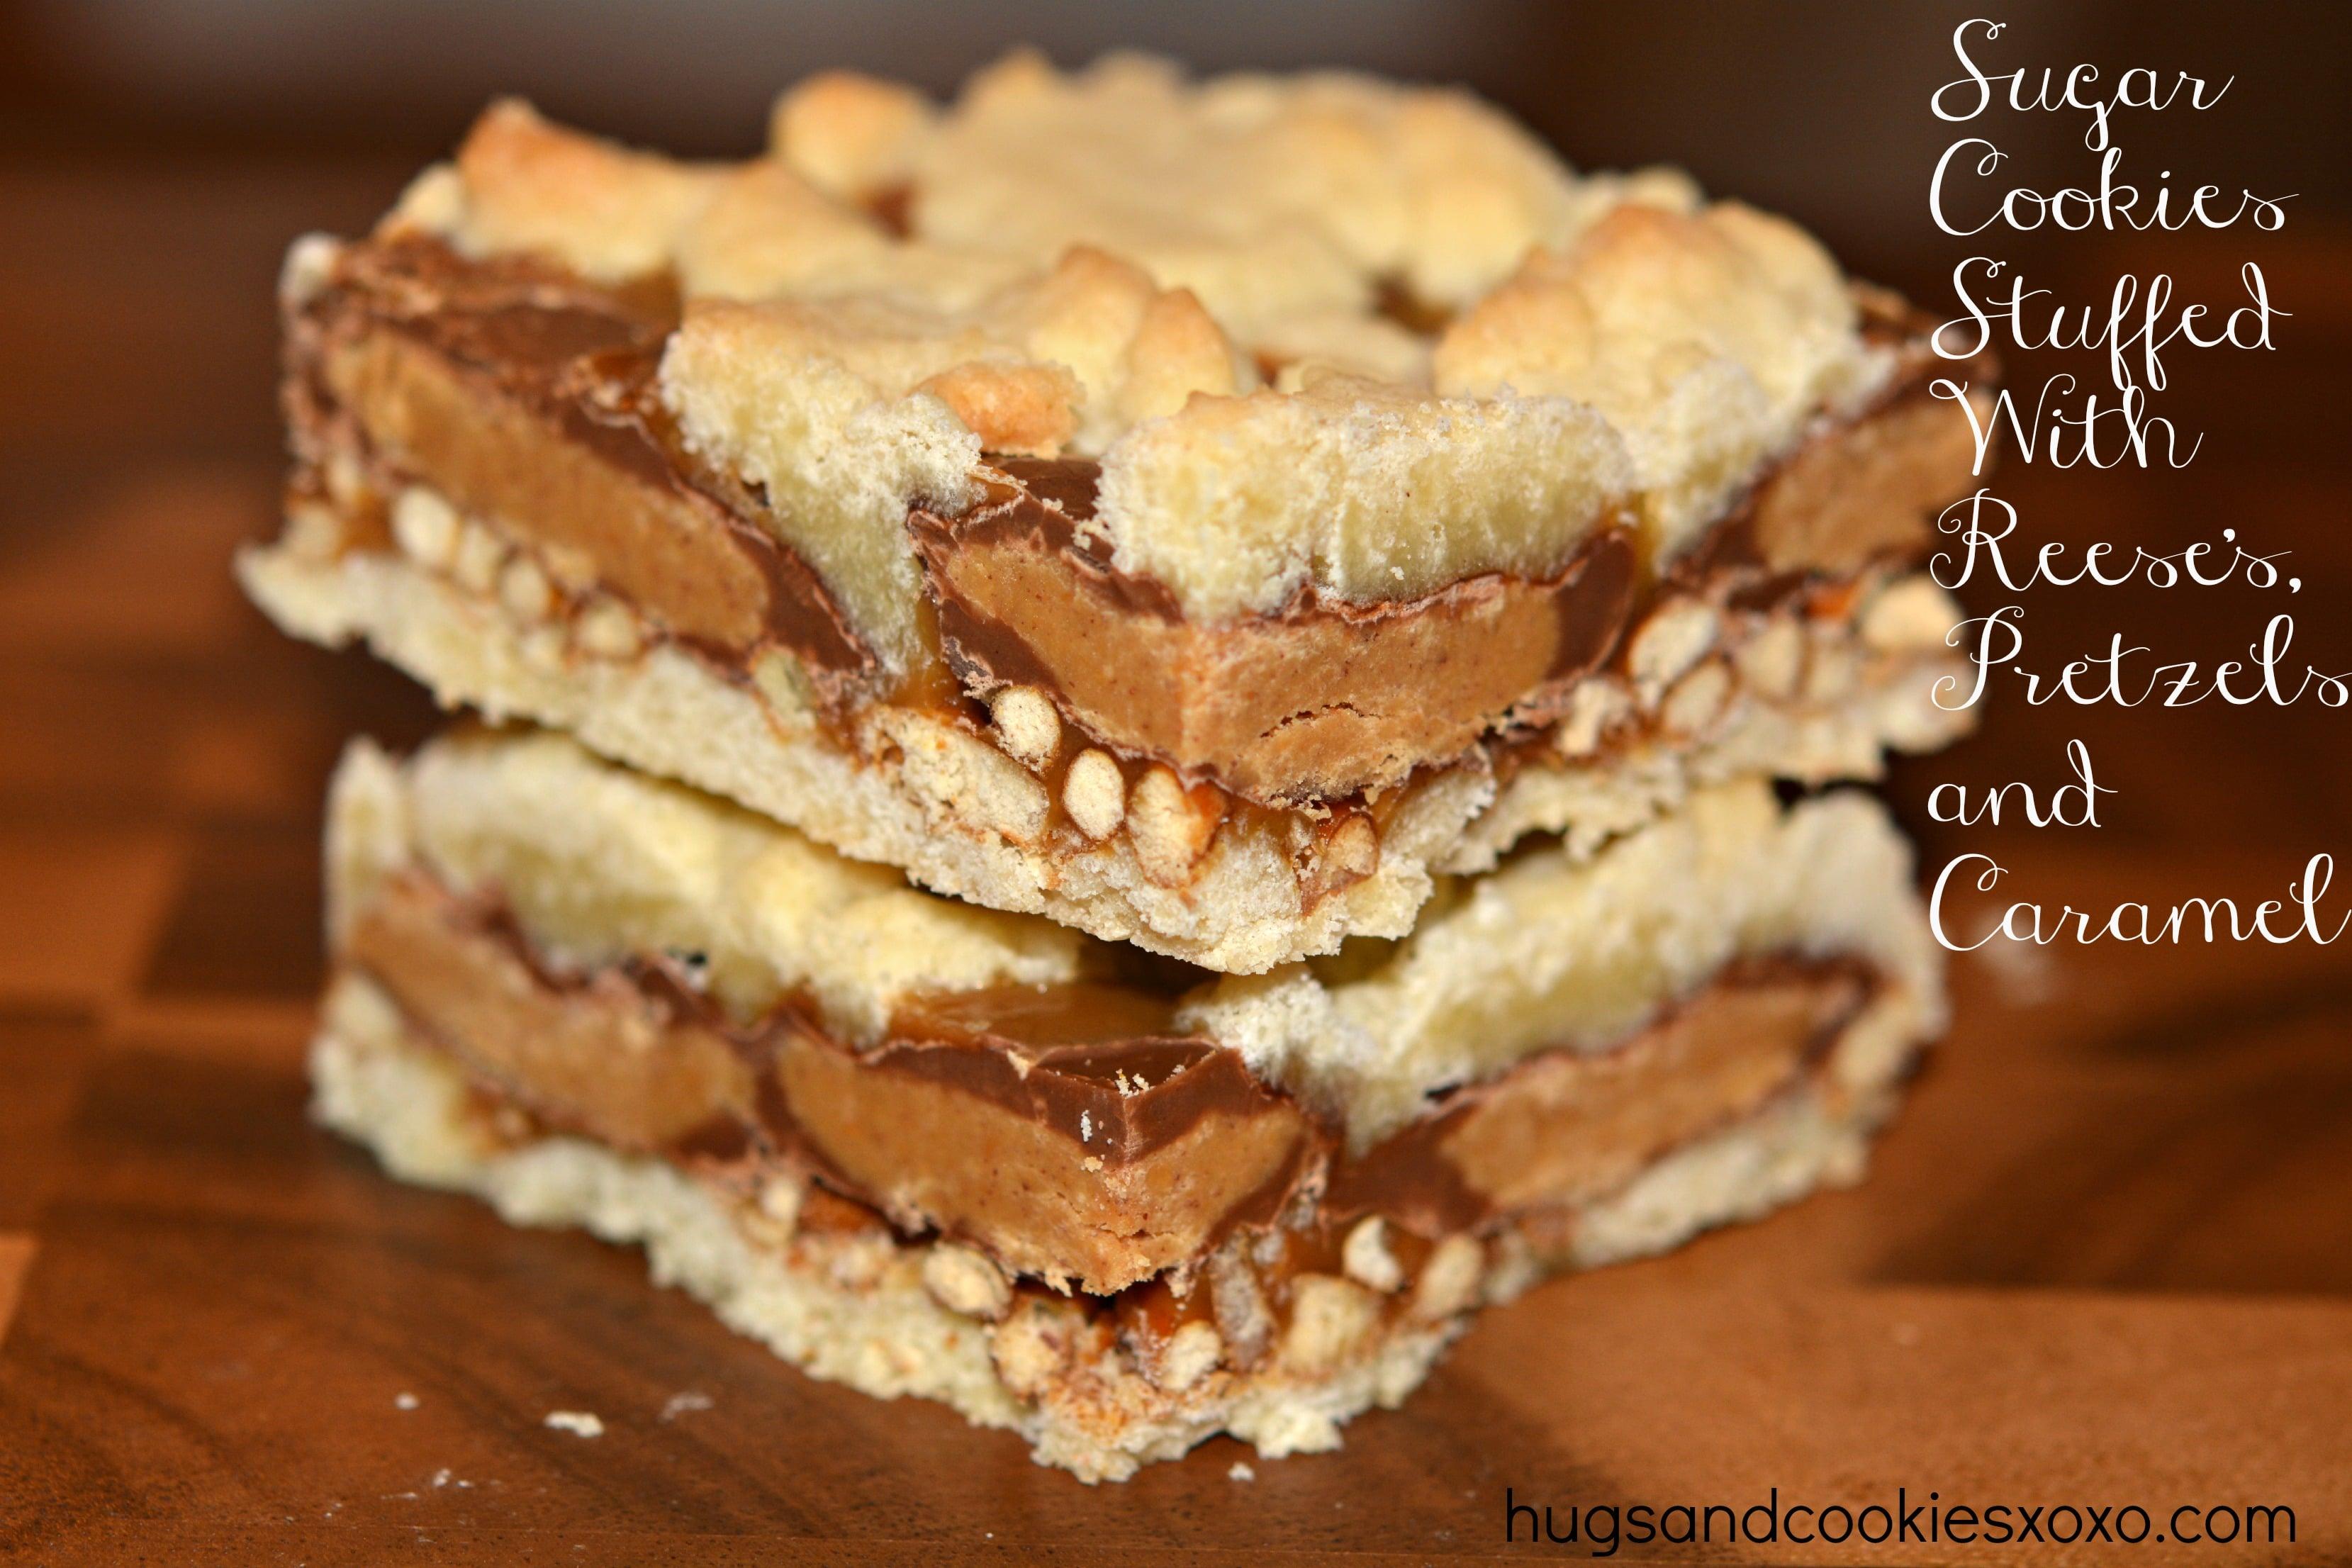 ... sugar cookie icing sugar cookie tartlets 16 sugar cookies with caramel